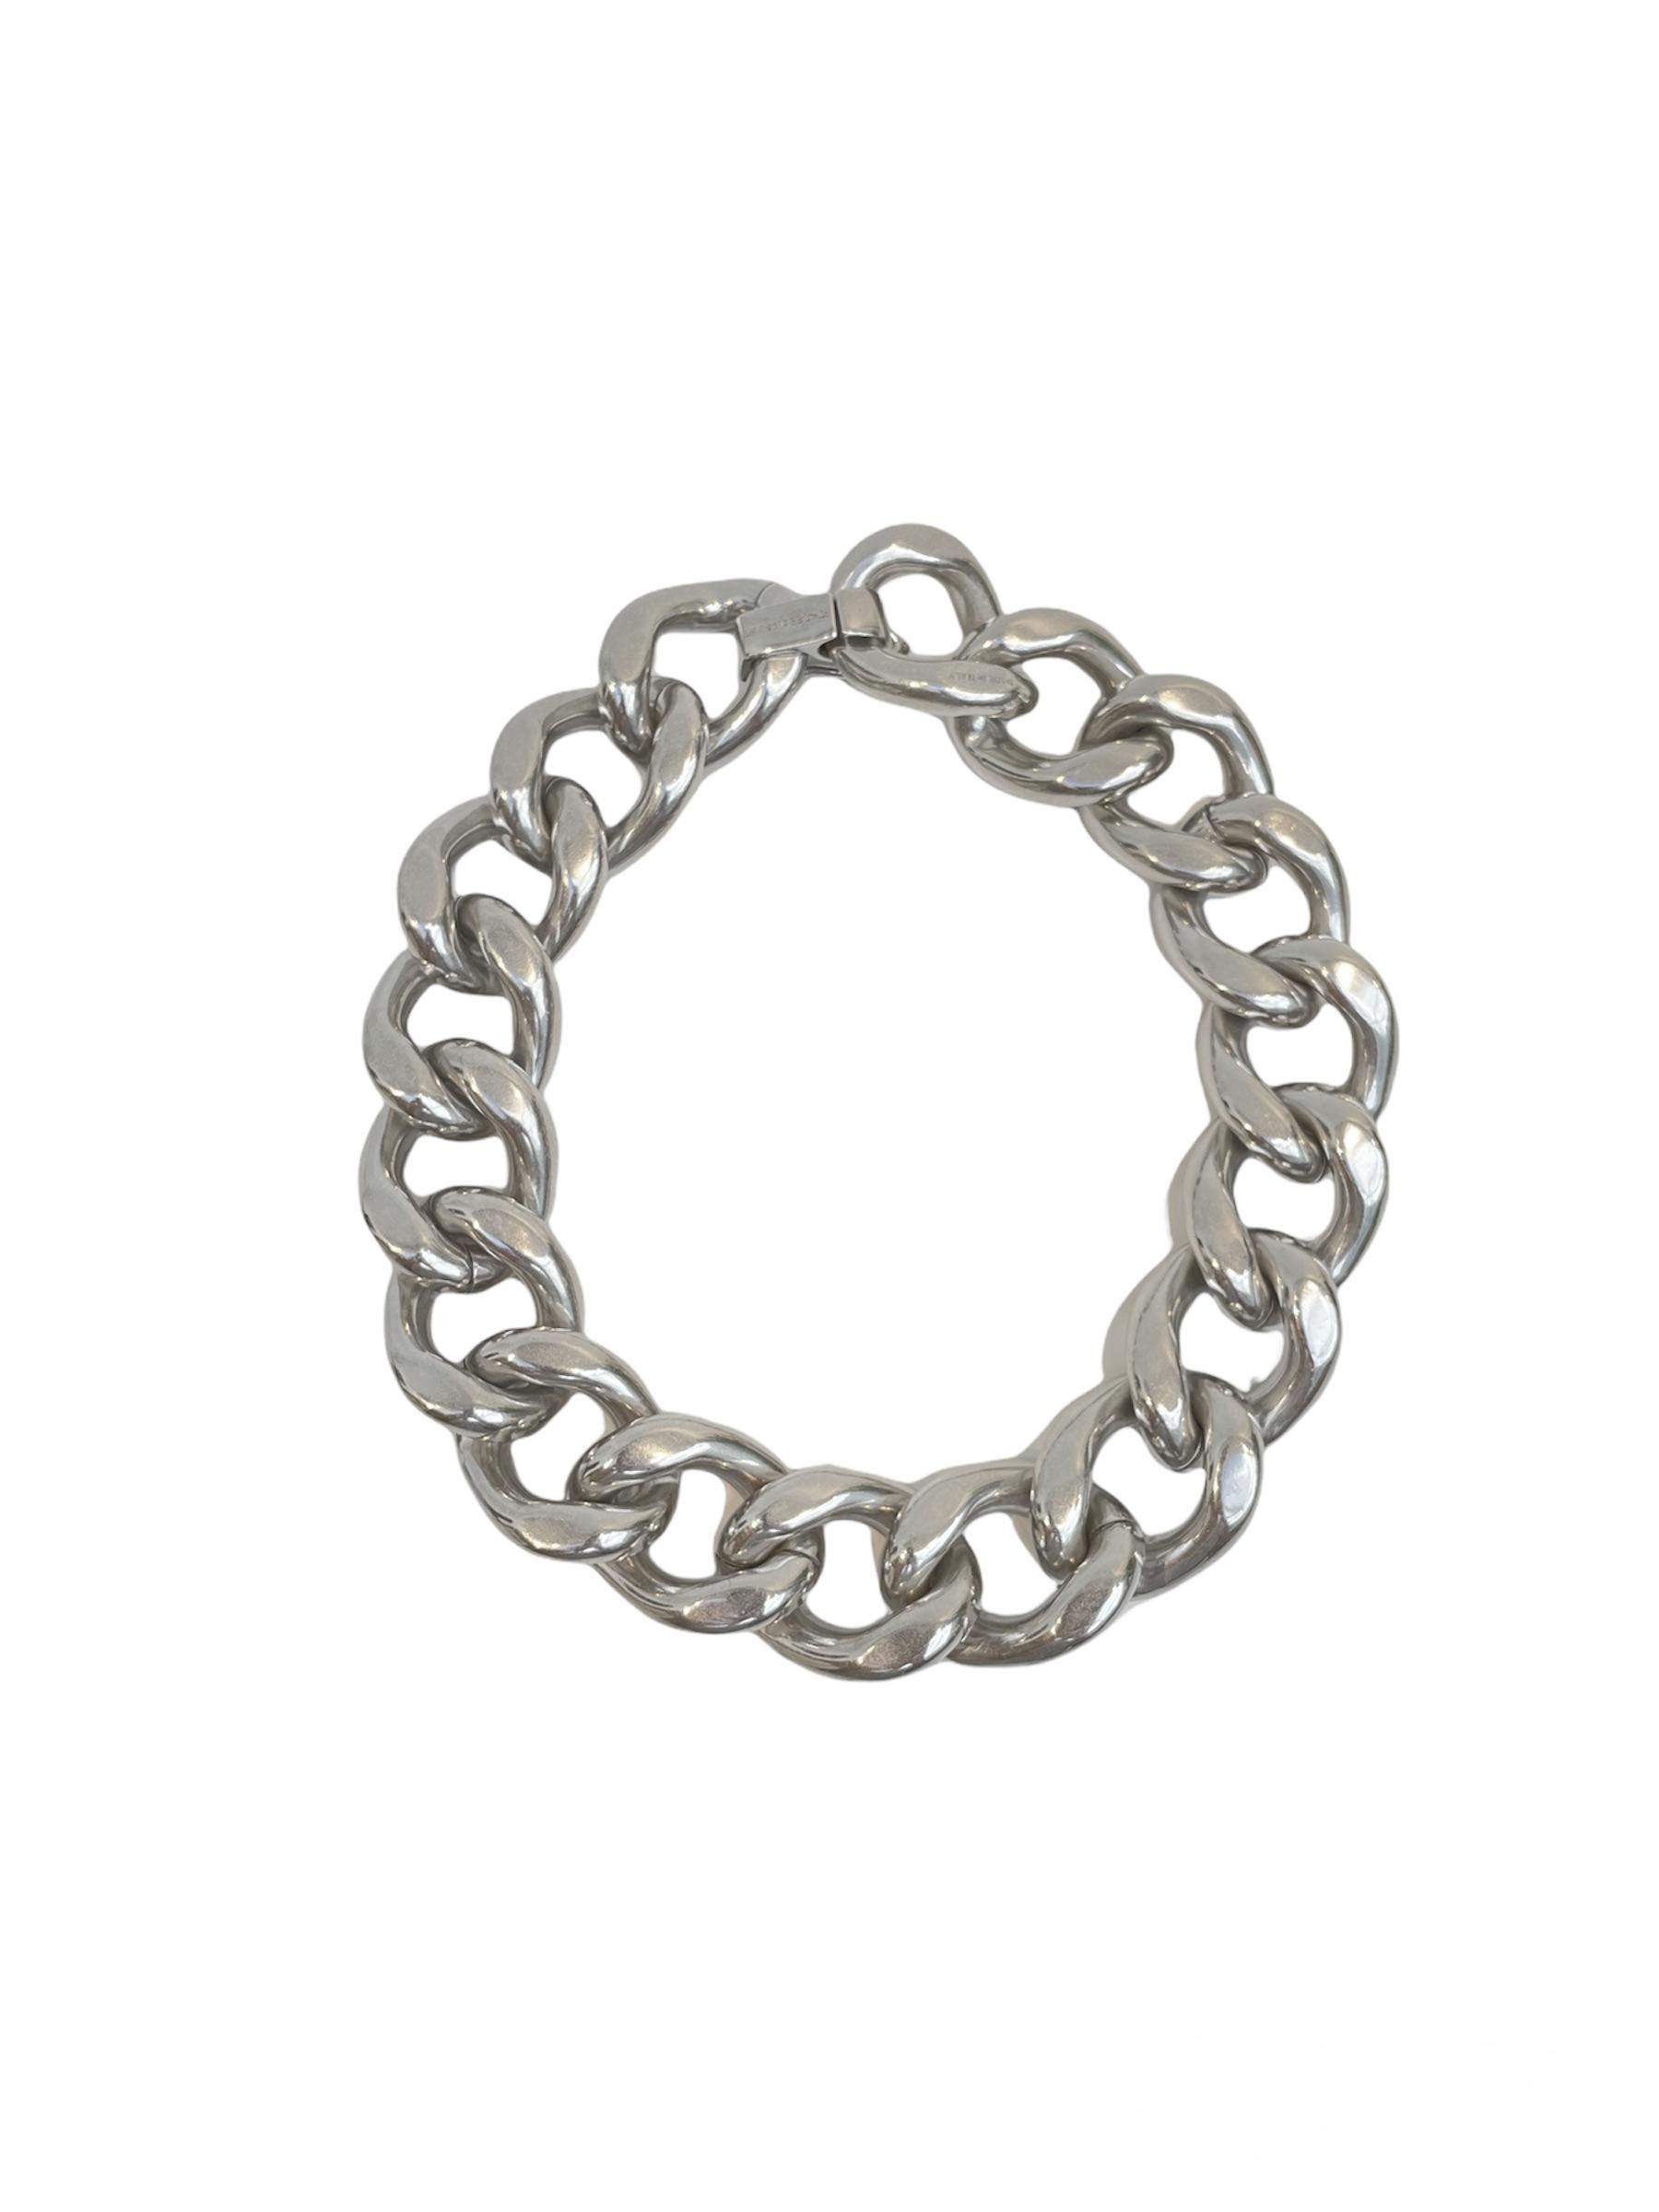 Halskette, Choker, Links, Isabel Marant, Silver